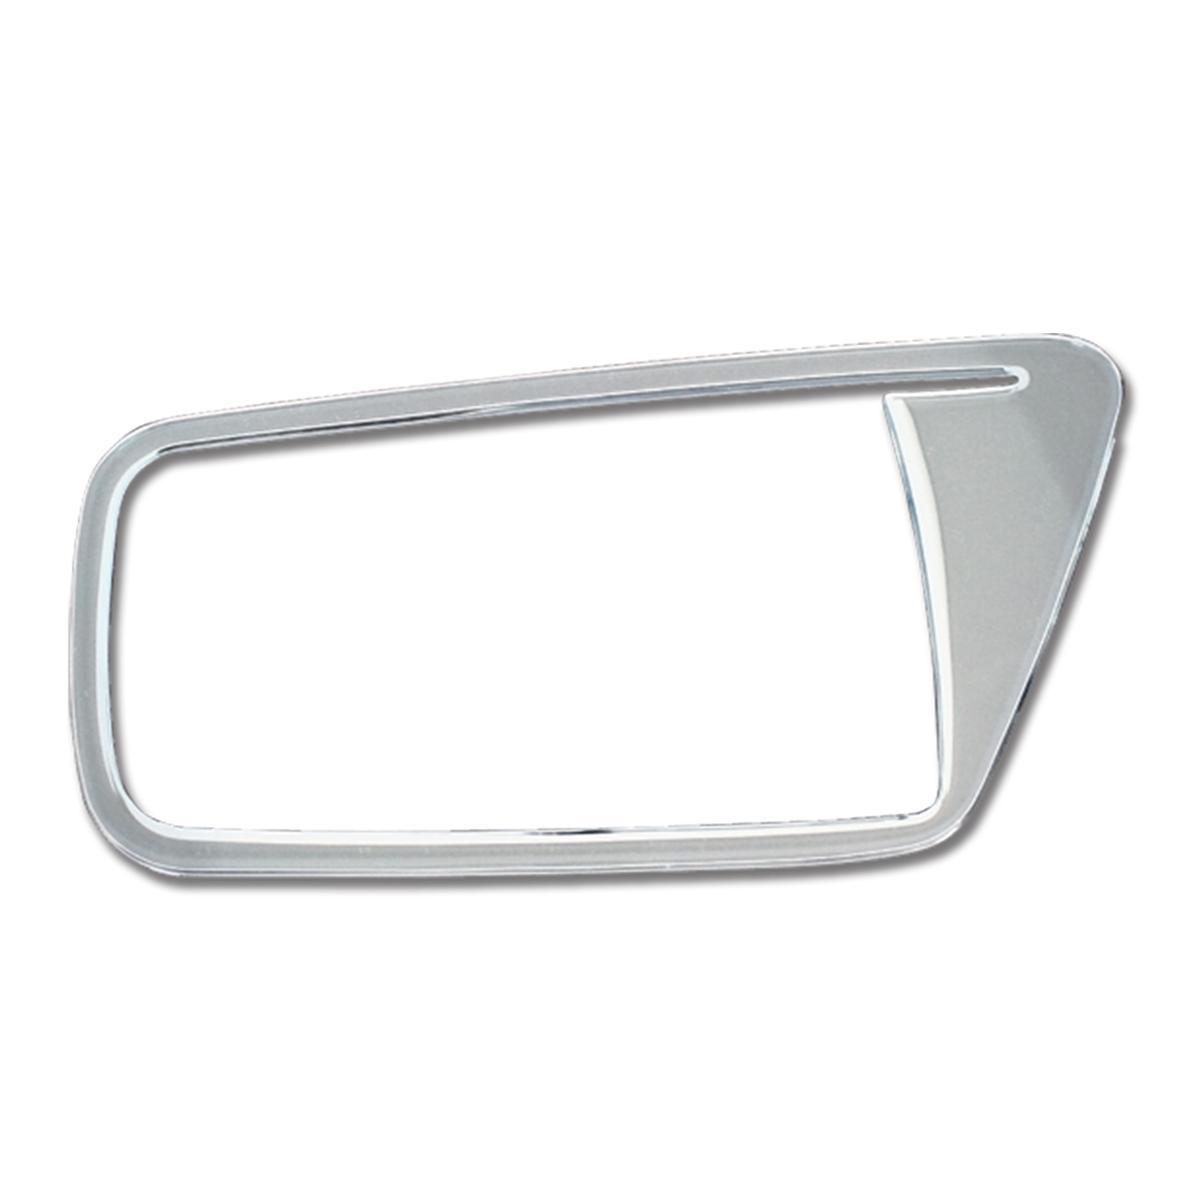 68920 KW Chrome Soft Plastic Passenger Side Door Ring